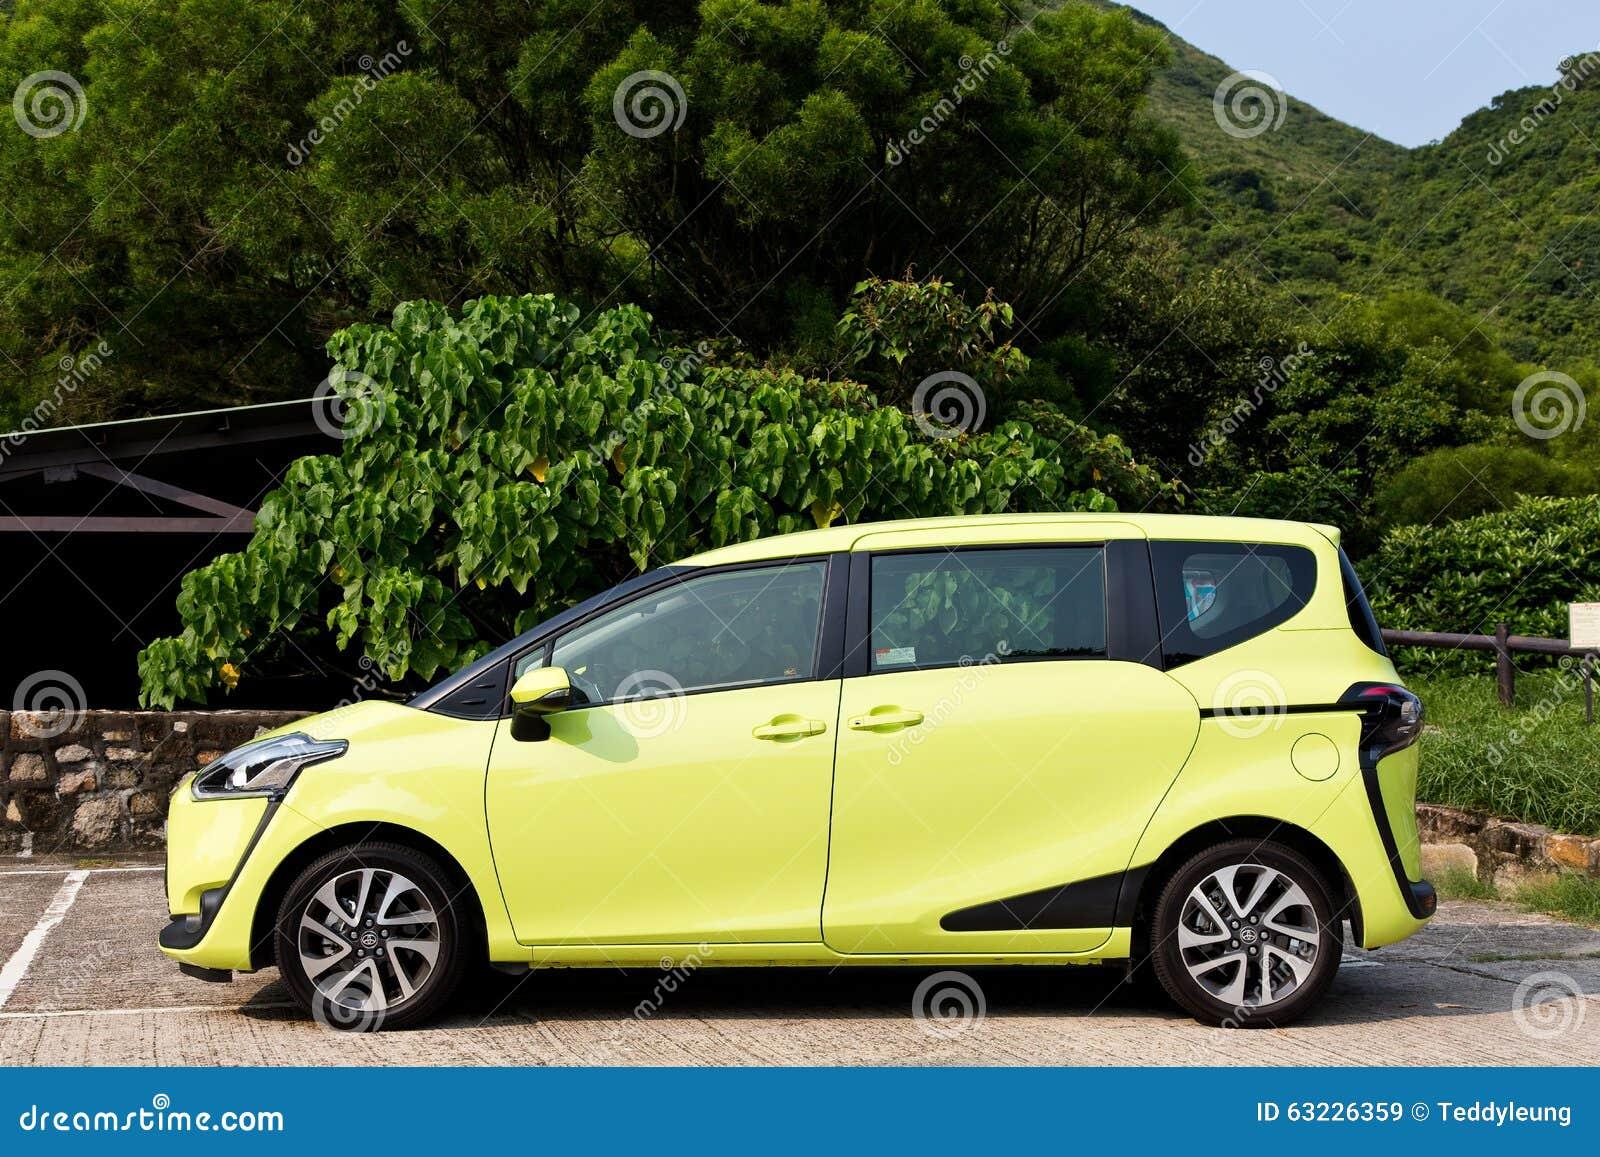 Used Car Prices Hong Kong